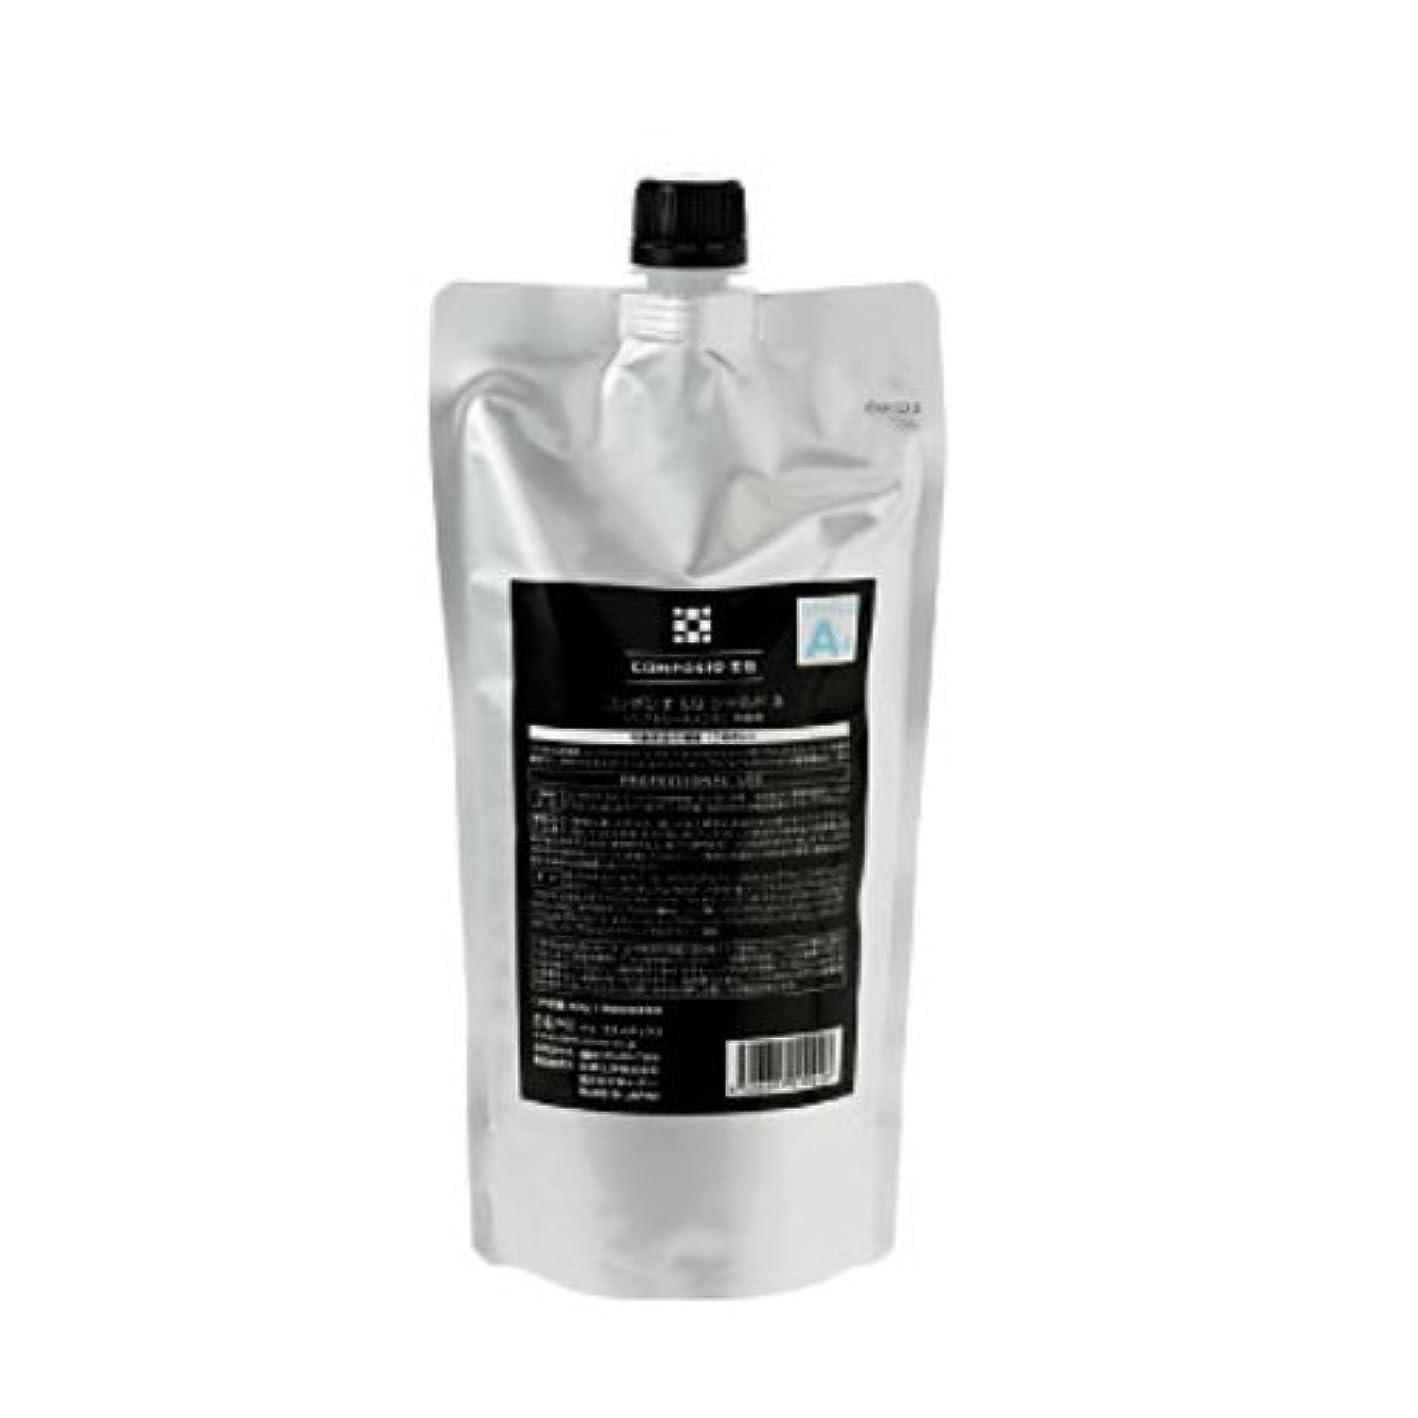 成長アーティファクトモディッシュDEMI (デミ) コンポジオ EQ シールド A 450g レフィル